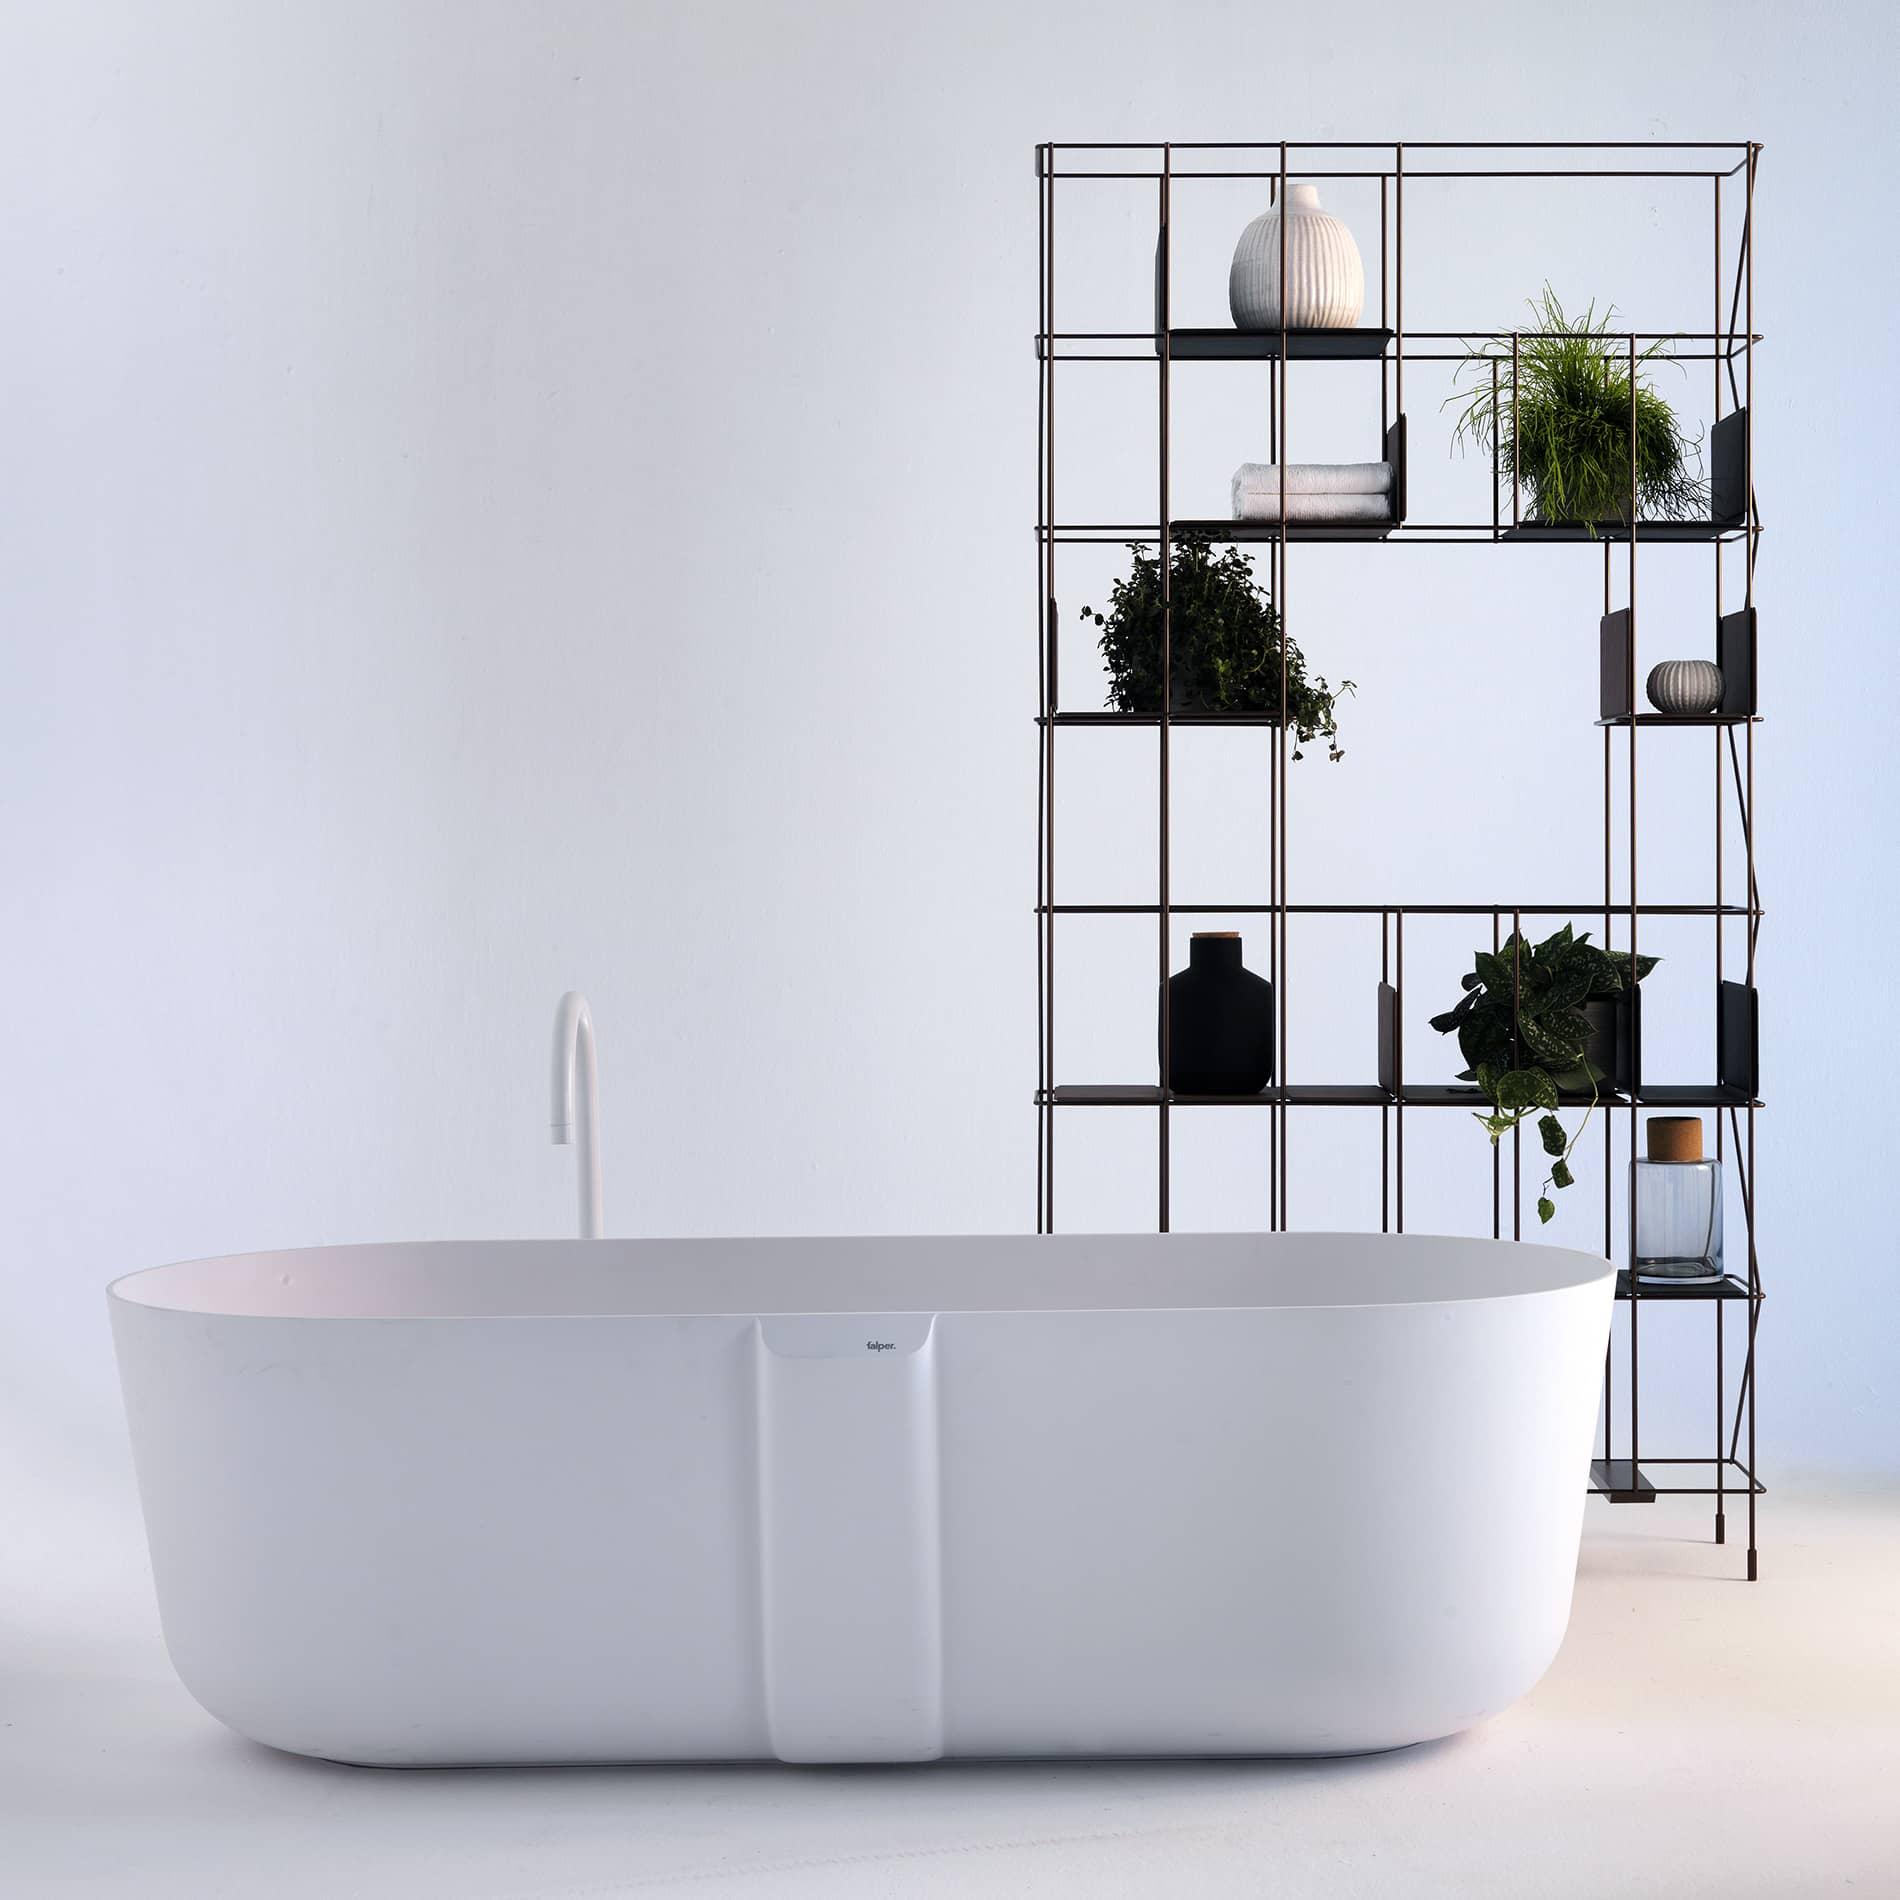 Cristalplant-products-Falper-tub-1